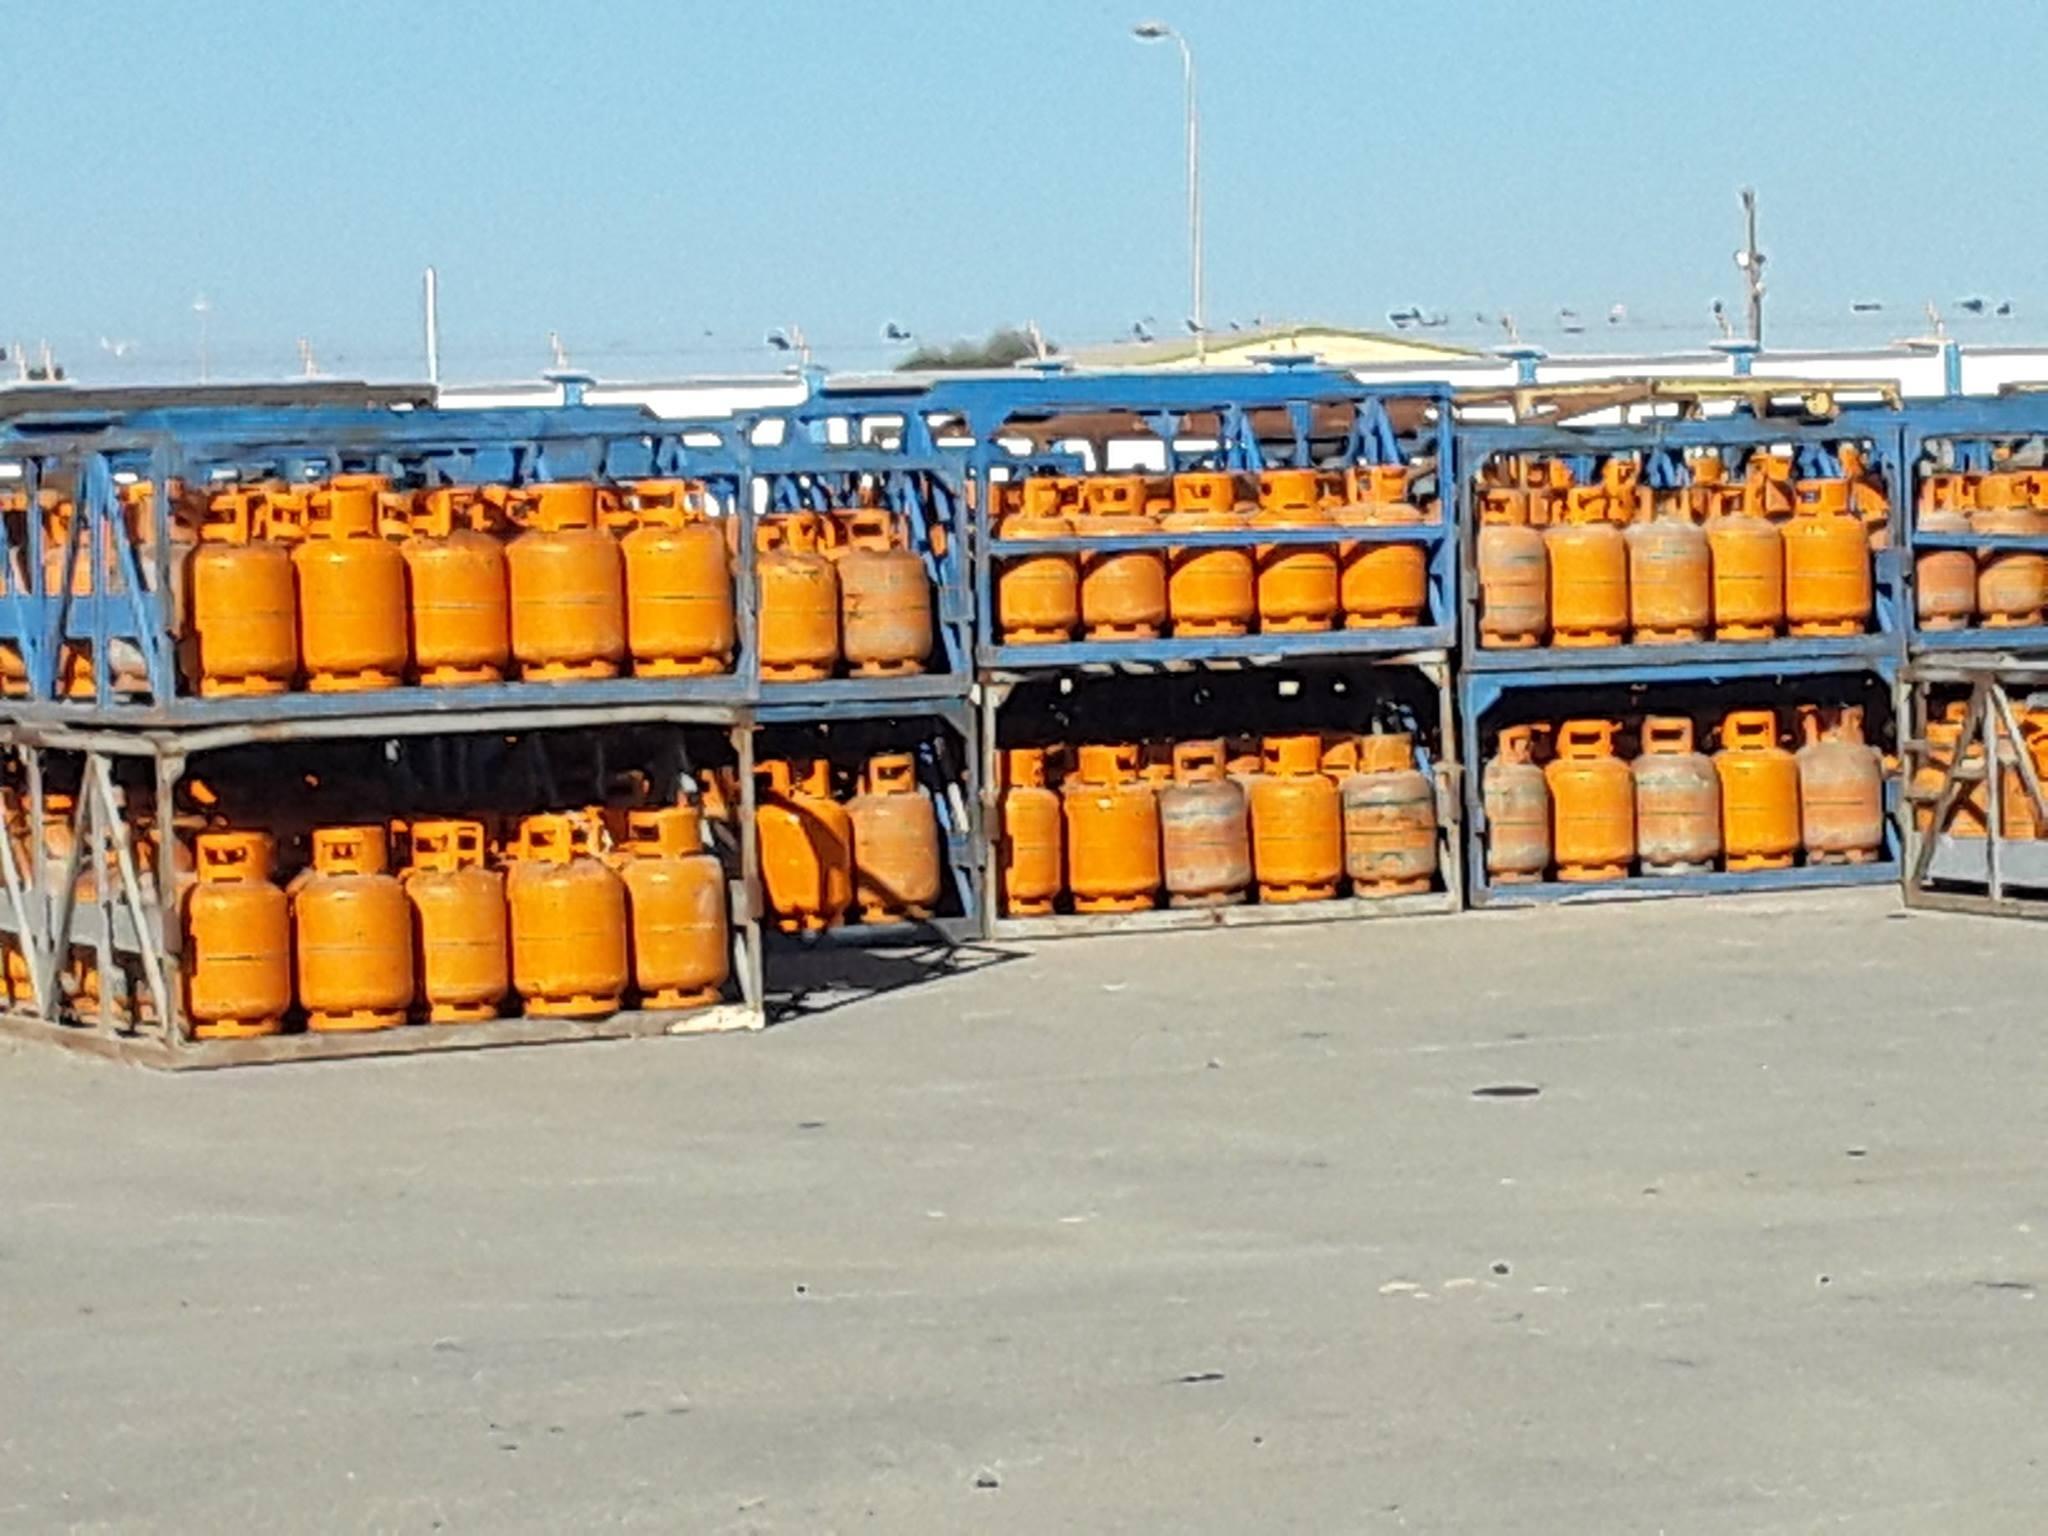 نتيجة بحث الصور عن البريقة لتسويق الغاز: آلية جديدة لتوزيع الغاز المنزلي